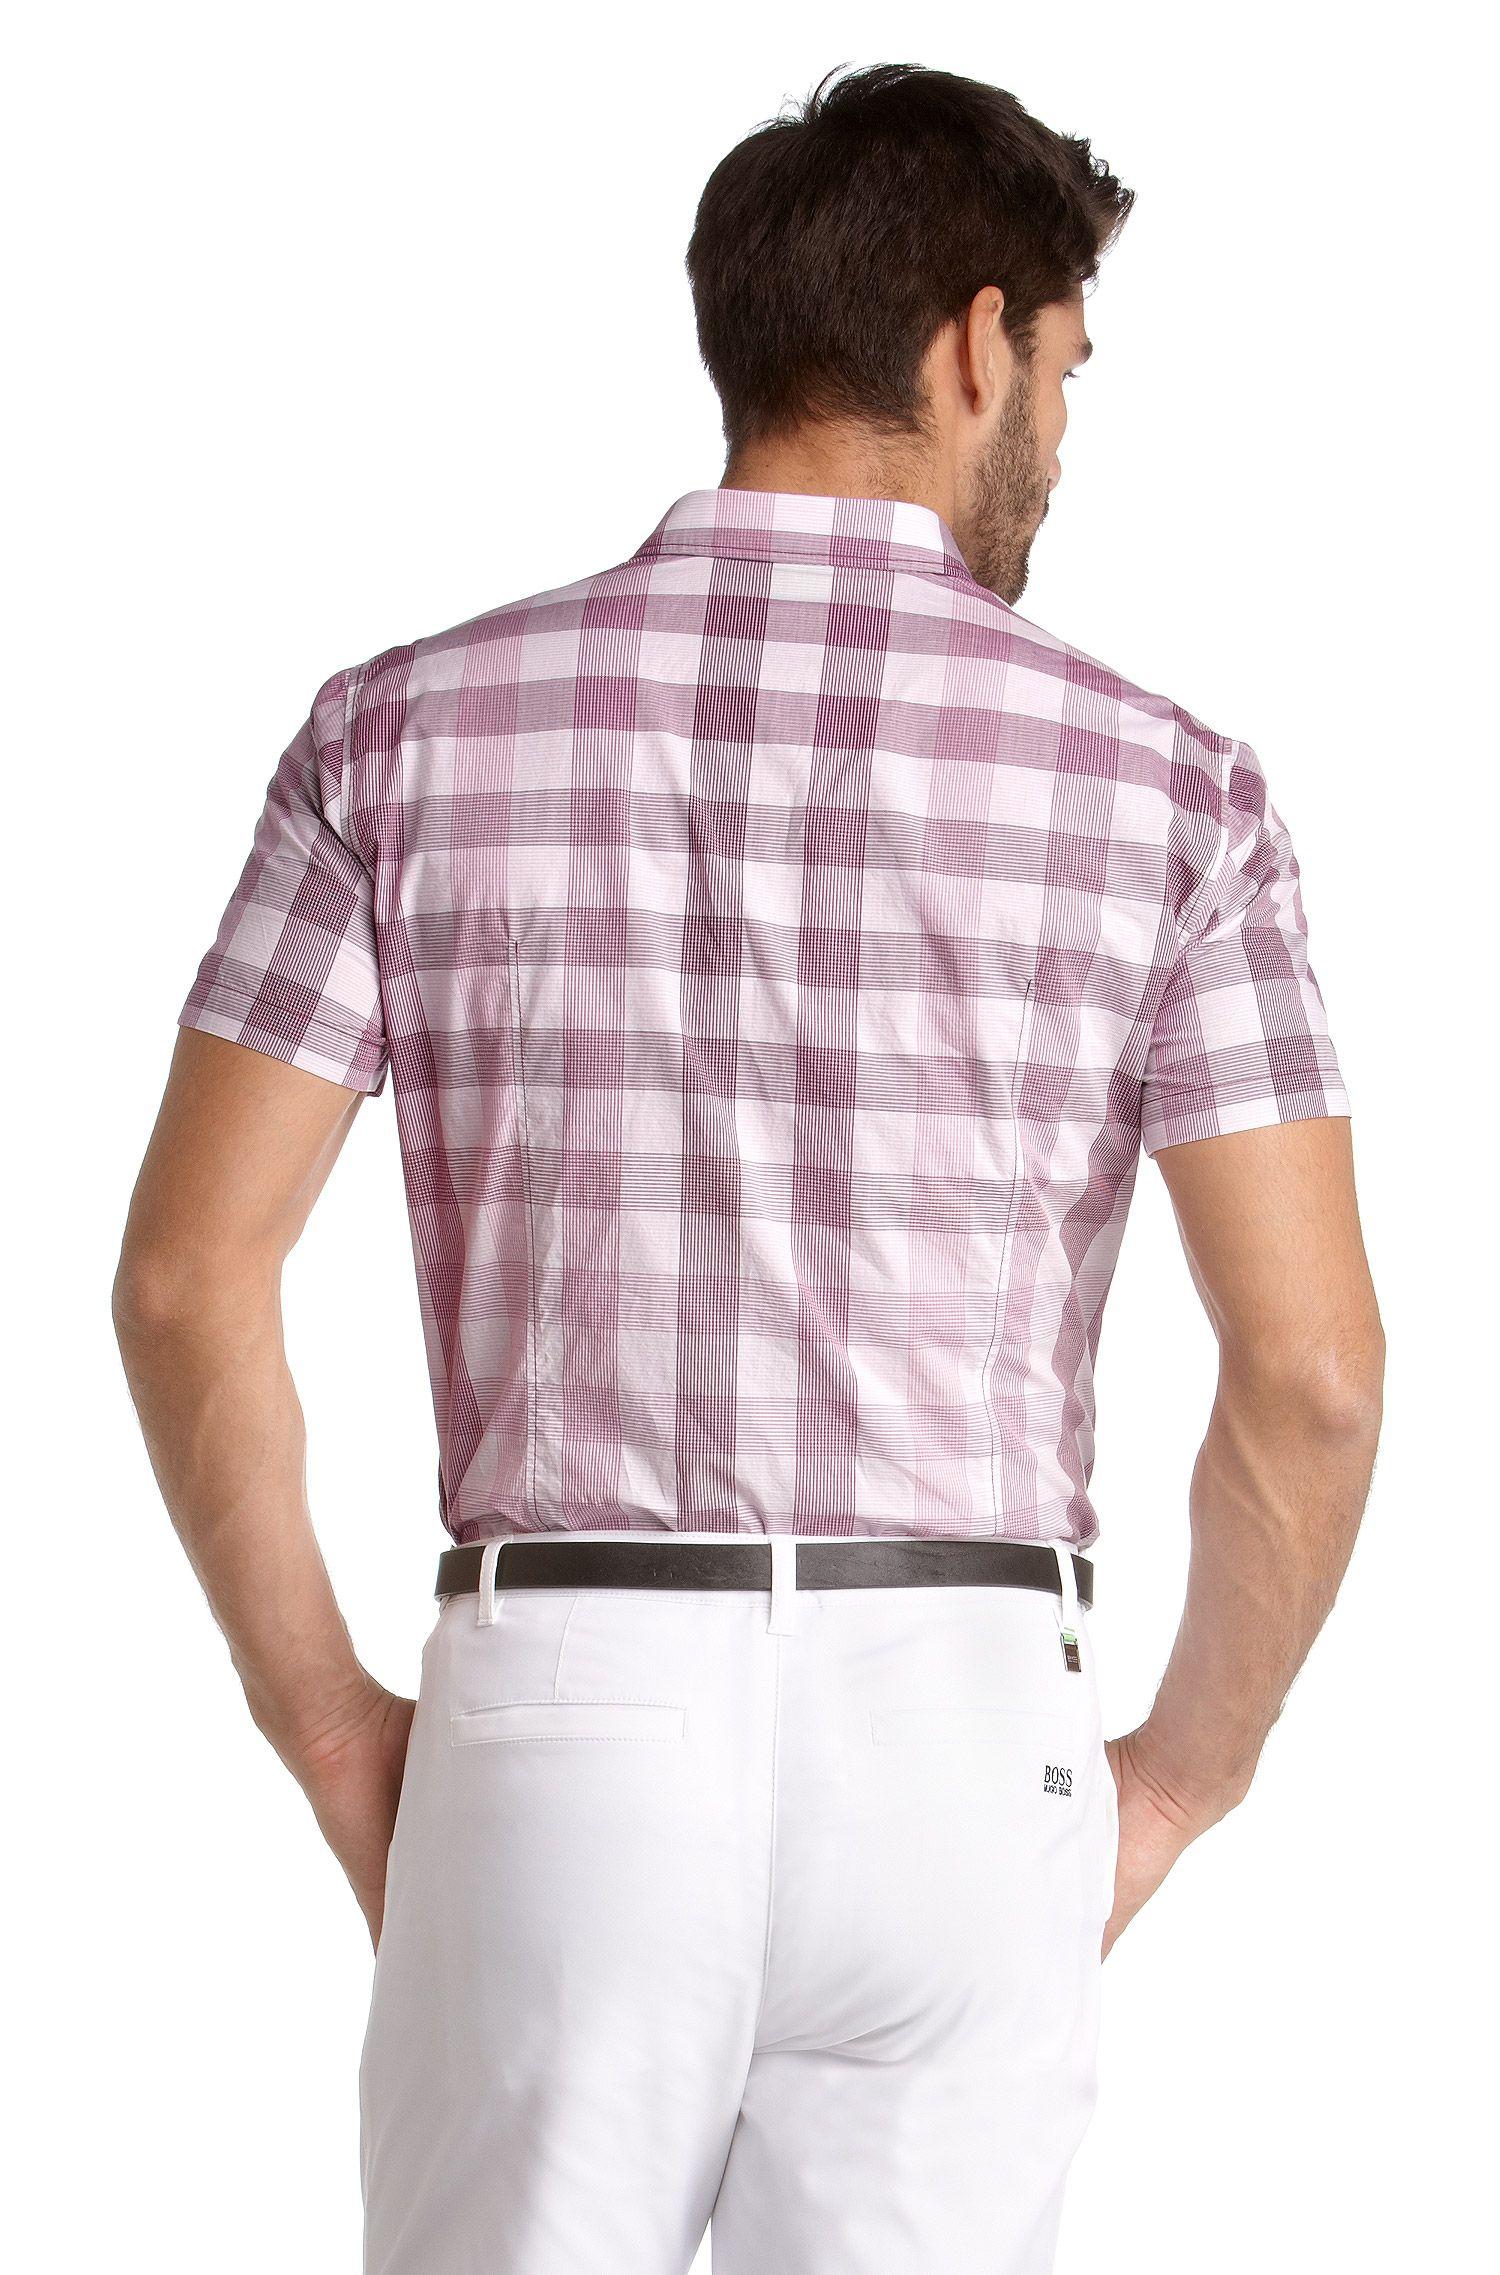 Chemise détente à manches courtes, Banfolino